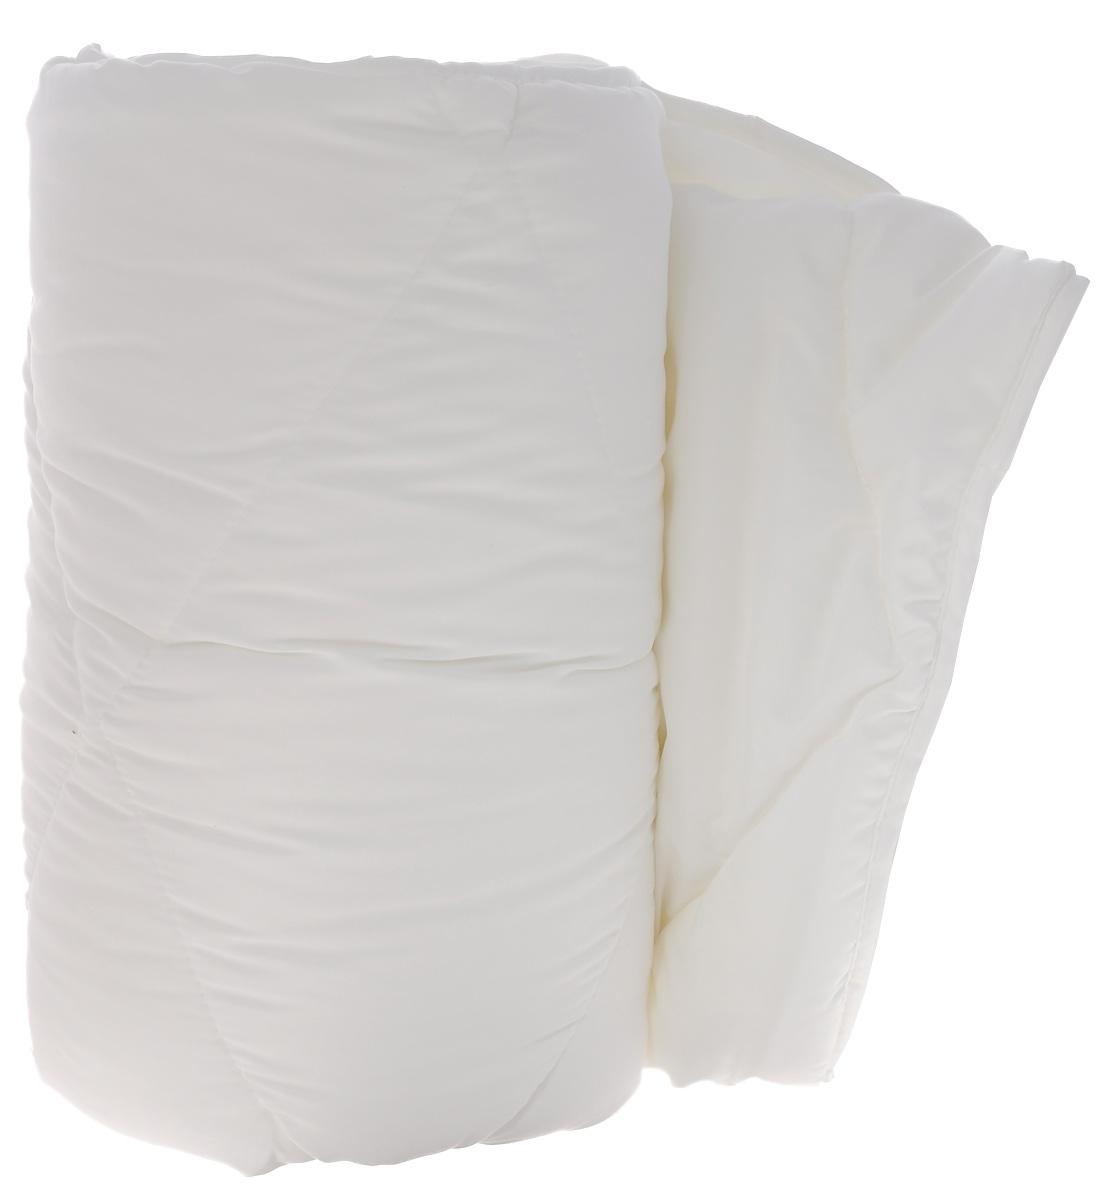 Одеяло Dargez Бомбей, легкое, наполнитель: бамбуковое волокно, цвет: белый, 140 см х 205 см22(23)341_белыйОдеяло Dargez Бомбей подарит комфорт и уют во время сна. Чехол одеяла, выполненный из микрофибры, оформлен фигурной стежкой, которая надежно удерживает наполнитель внутри. Волокно на основе бамбука - инновационный наполнитель, обладающий за счет своей пористой структуры хорошей воздухонепроницаемостью и высокой гигроскопичностью, обеспечивает оптимальный уровень влажности во время сна и создает чувство прохлады в жаркие дни. Антибактериальный эффект наполнителя достигается за счет содержания в нем специального компонента, а также за счет поглощения влаги, что создает сухой микроклимат, препятствующий росту бактерий. Основные свойства волокна: - хорошая терморегуляция, - свободная циркуляция воздуха, - антибактериальные свойства, - повышенная гигроскопичность, - мягкость и легкость, - удобство в эксплуатации и легкость стирки. Рекомендации по уходу: - Стирка при температуре не более 40°С. - Запрещается отбеливать, гладить.- Можно выжимать и сушить в стиральной машине.